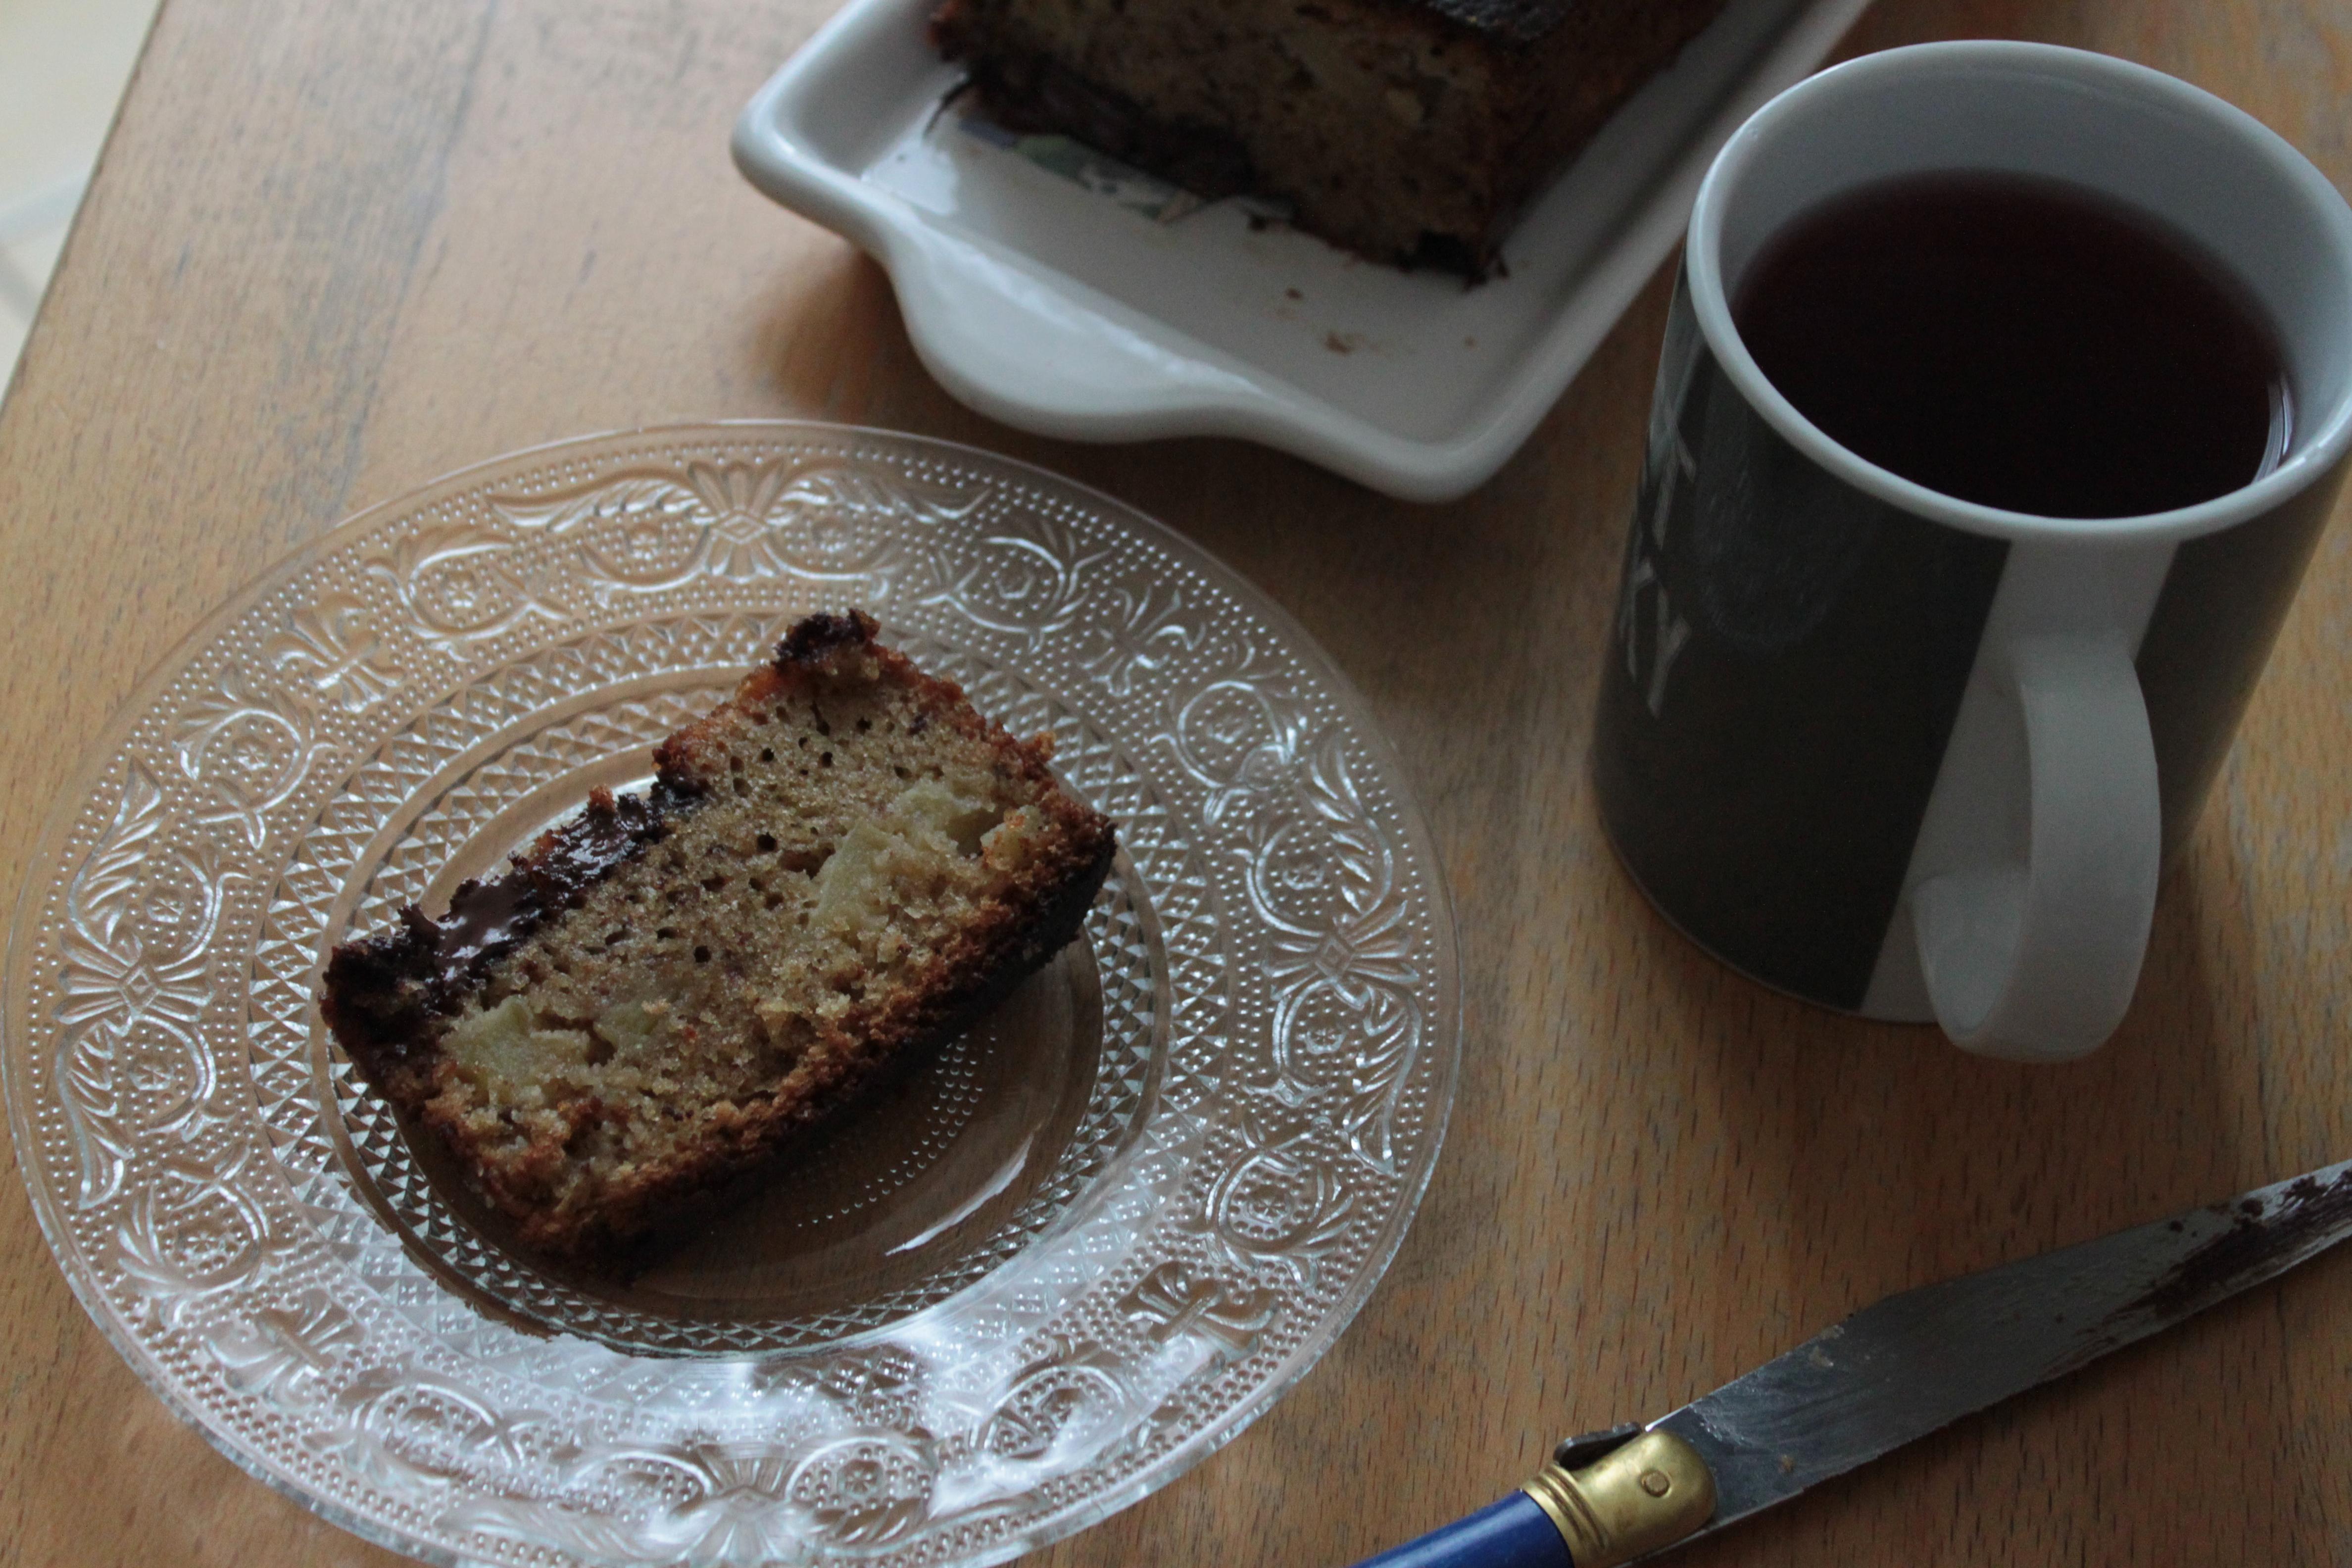 Recette Tronche De Cake